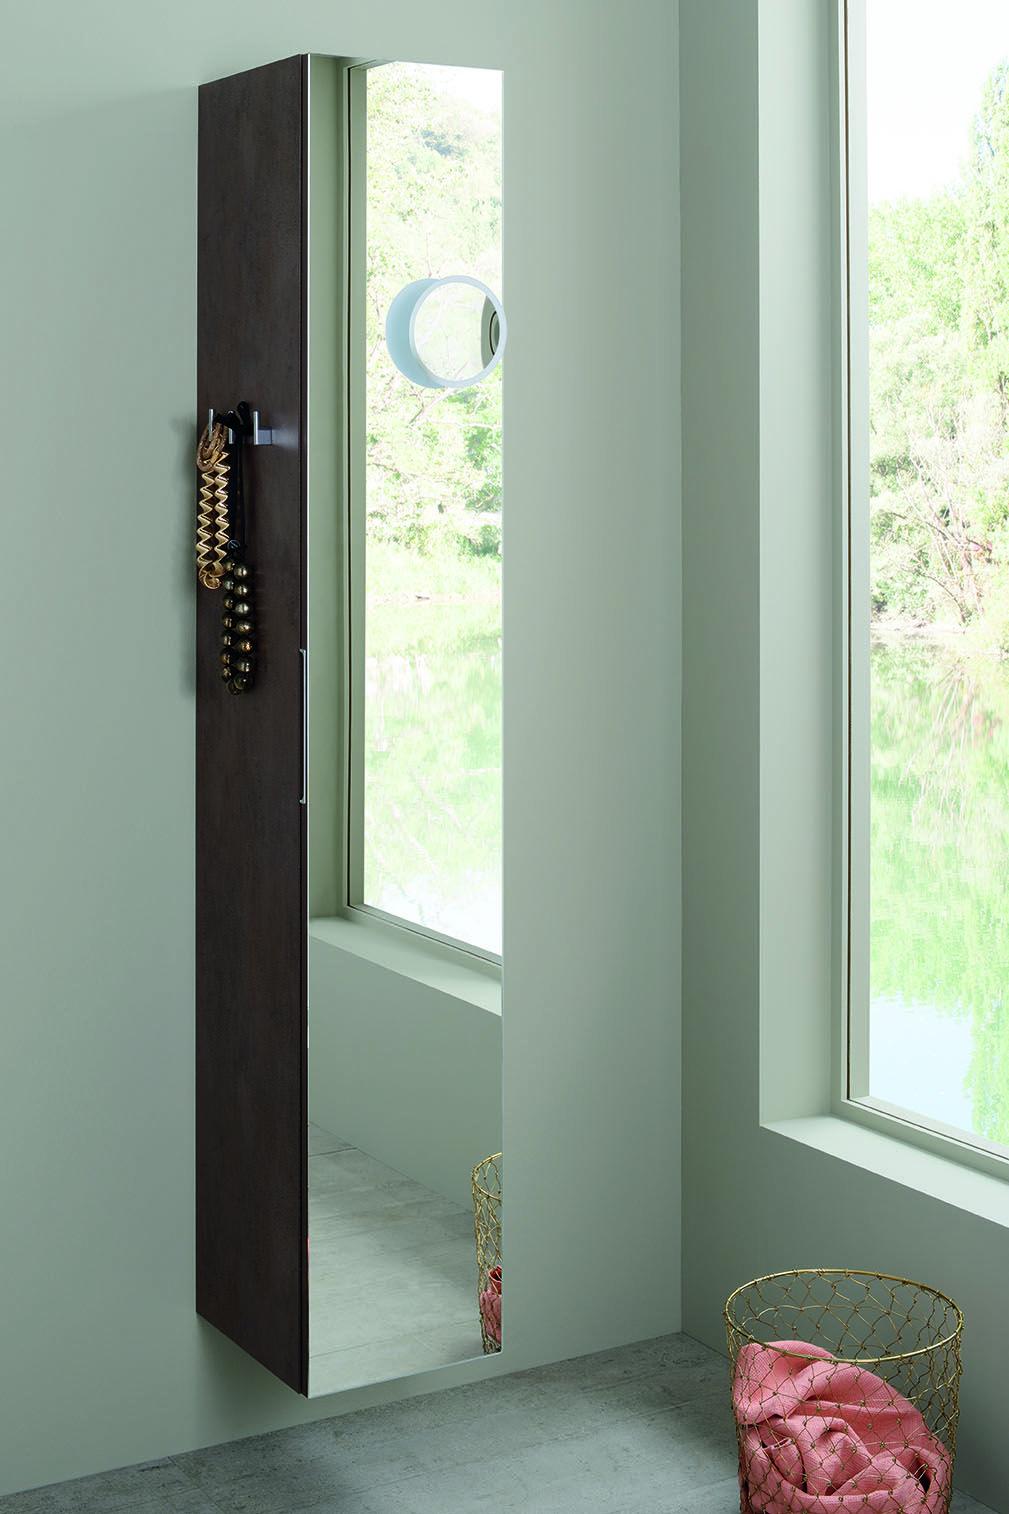 Maximisez Votre Espace Avec Un Miroir De Plein Pied Directement - Porte placard coulissante avec serrurier 75002